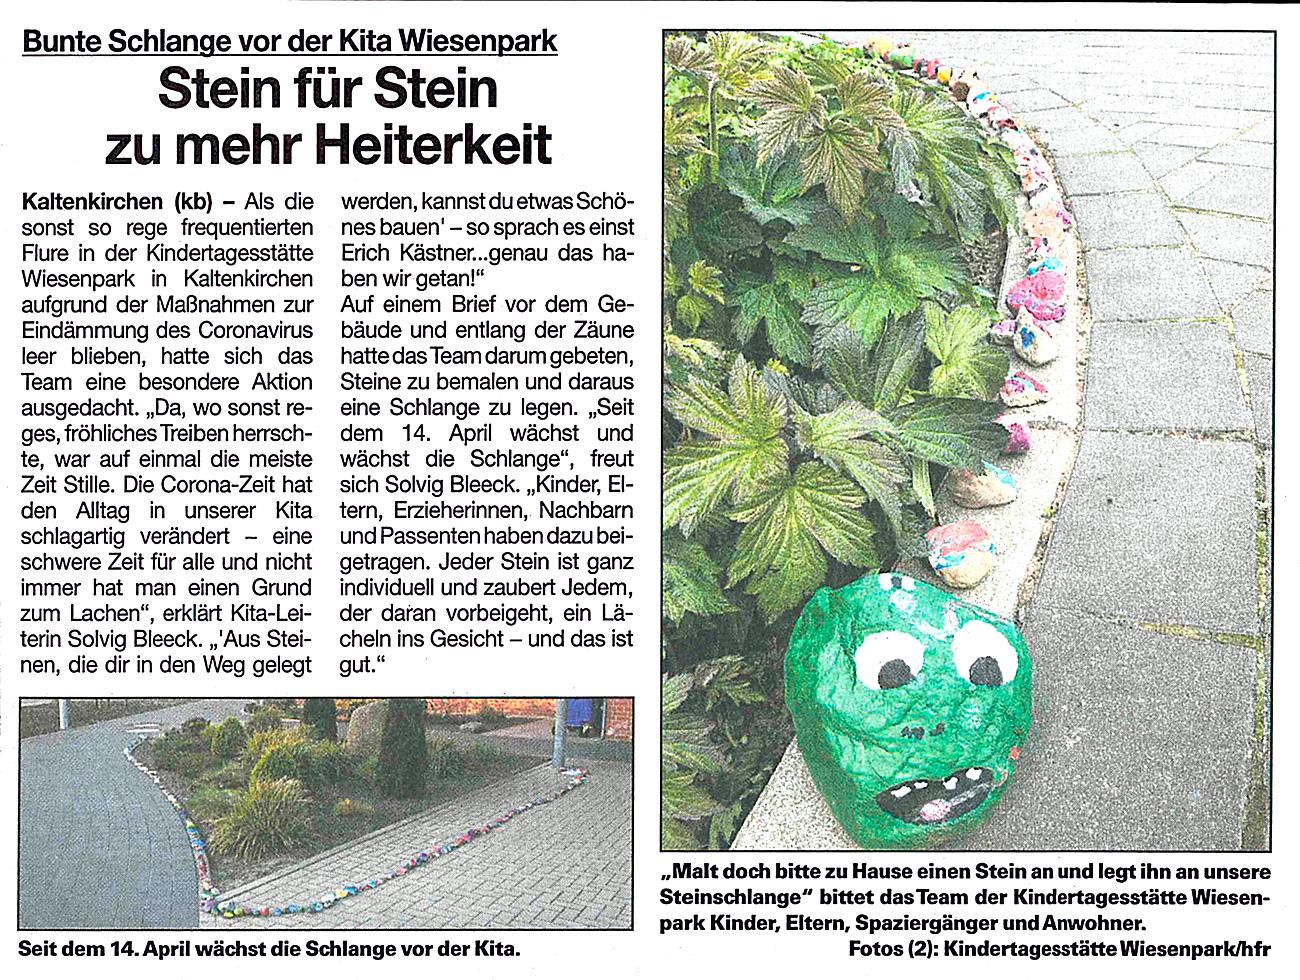 Ein Artikel aus der Umschau vom 20.5.2020: Stein für Stein zu mehr Heiterkeit. Darin geht es um die bunte Schlange vor der Kita Wiesenpark